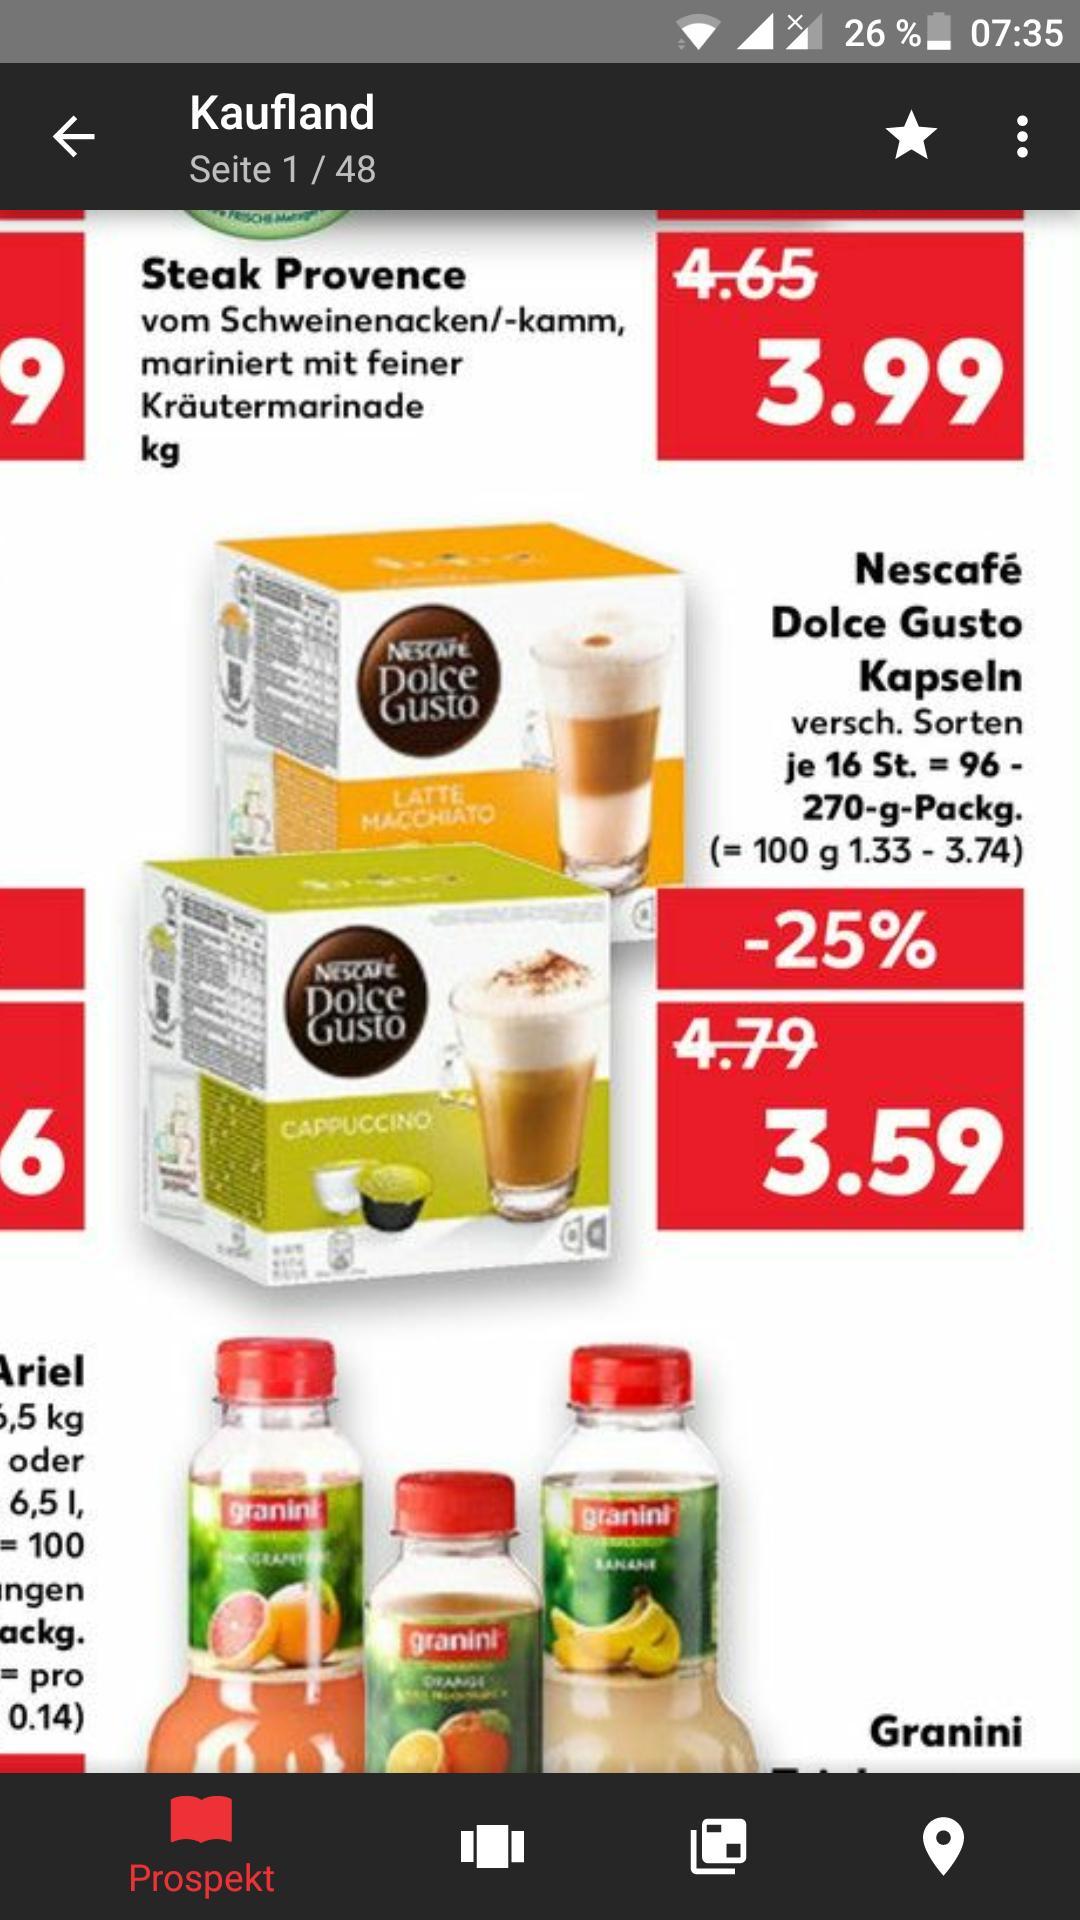 [Kaufland] Dolce Gusto Kapseln wieder für 3,59€